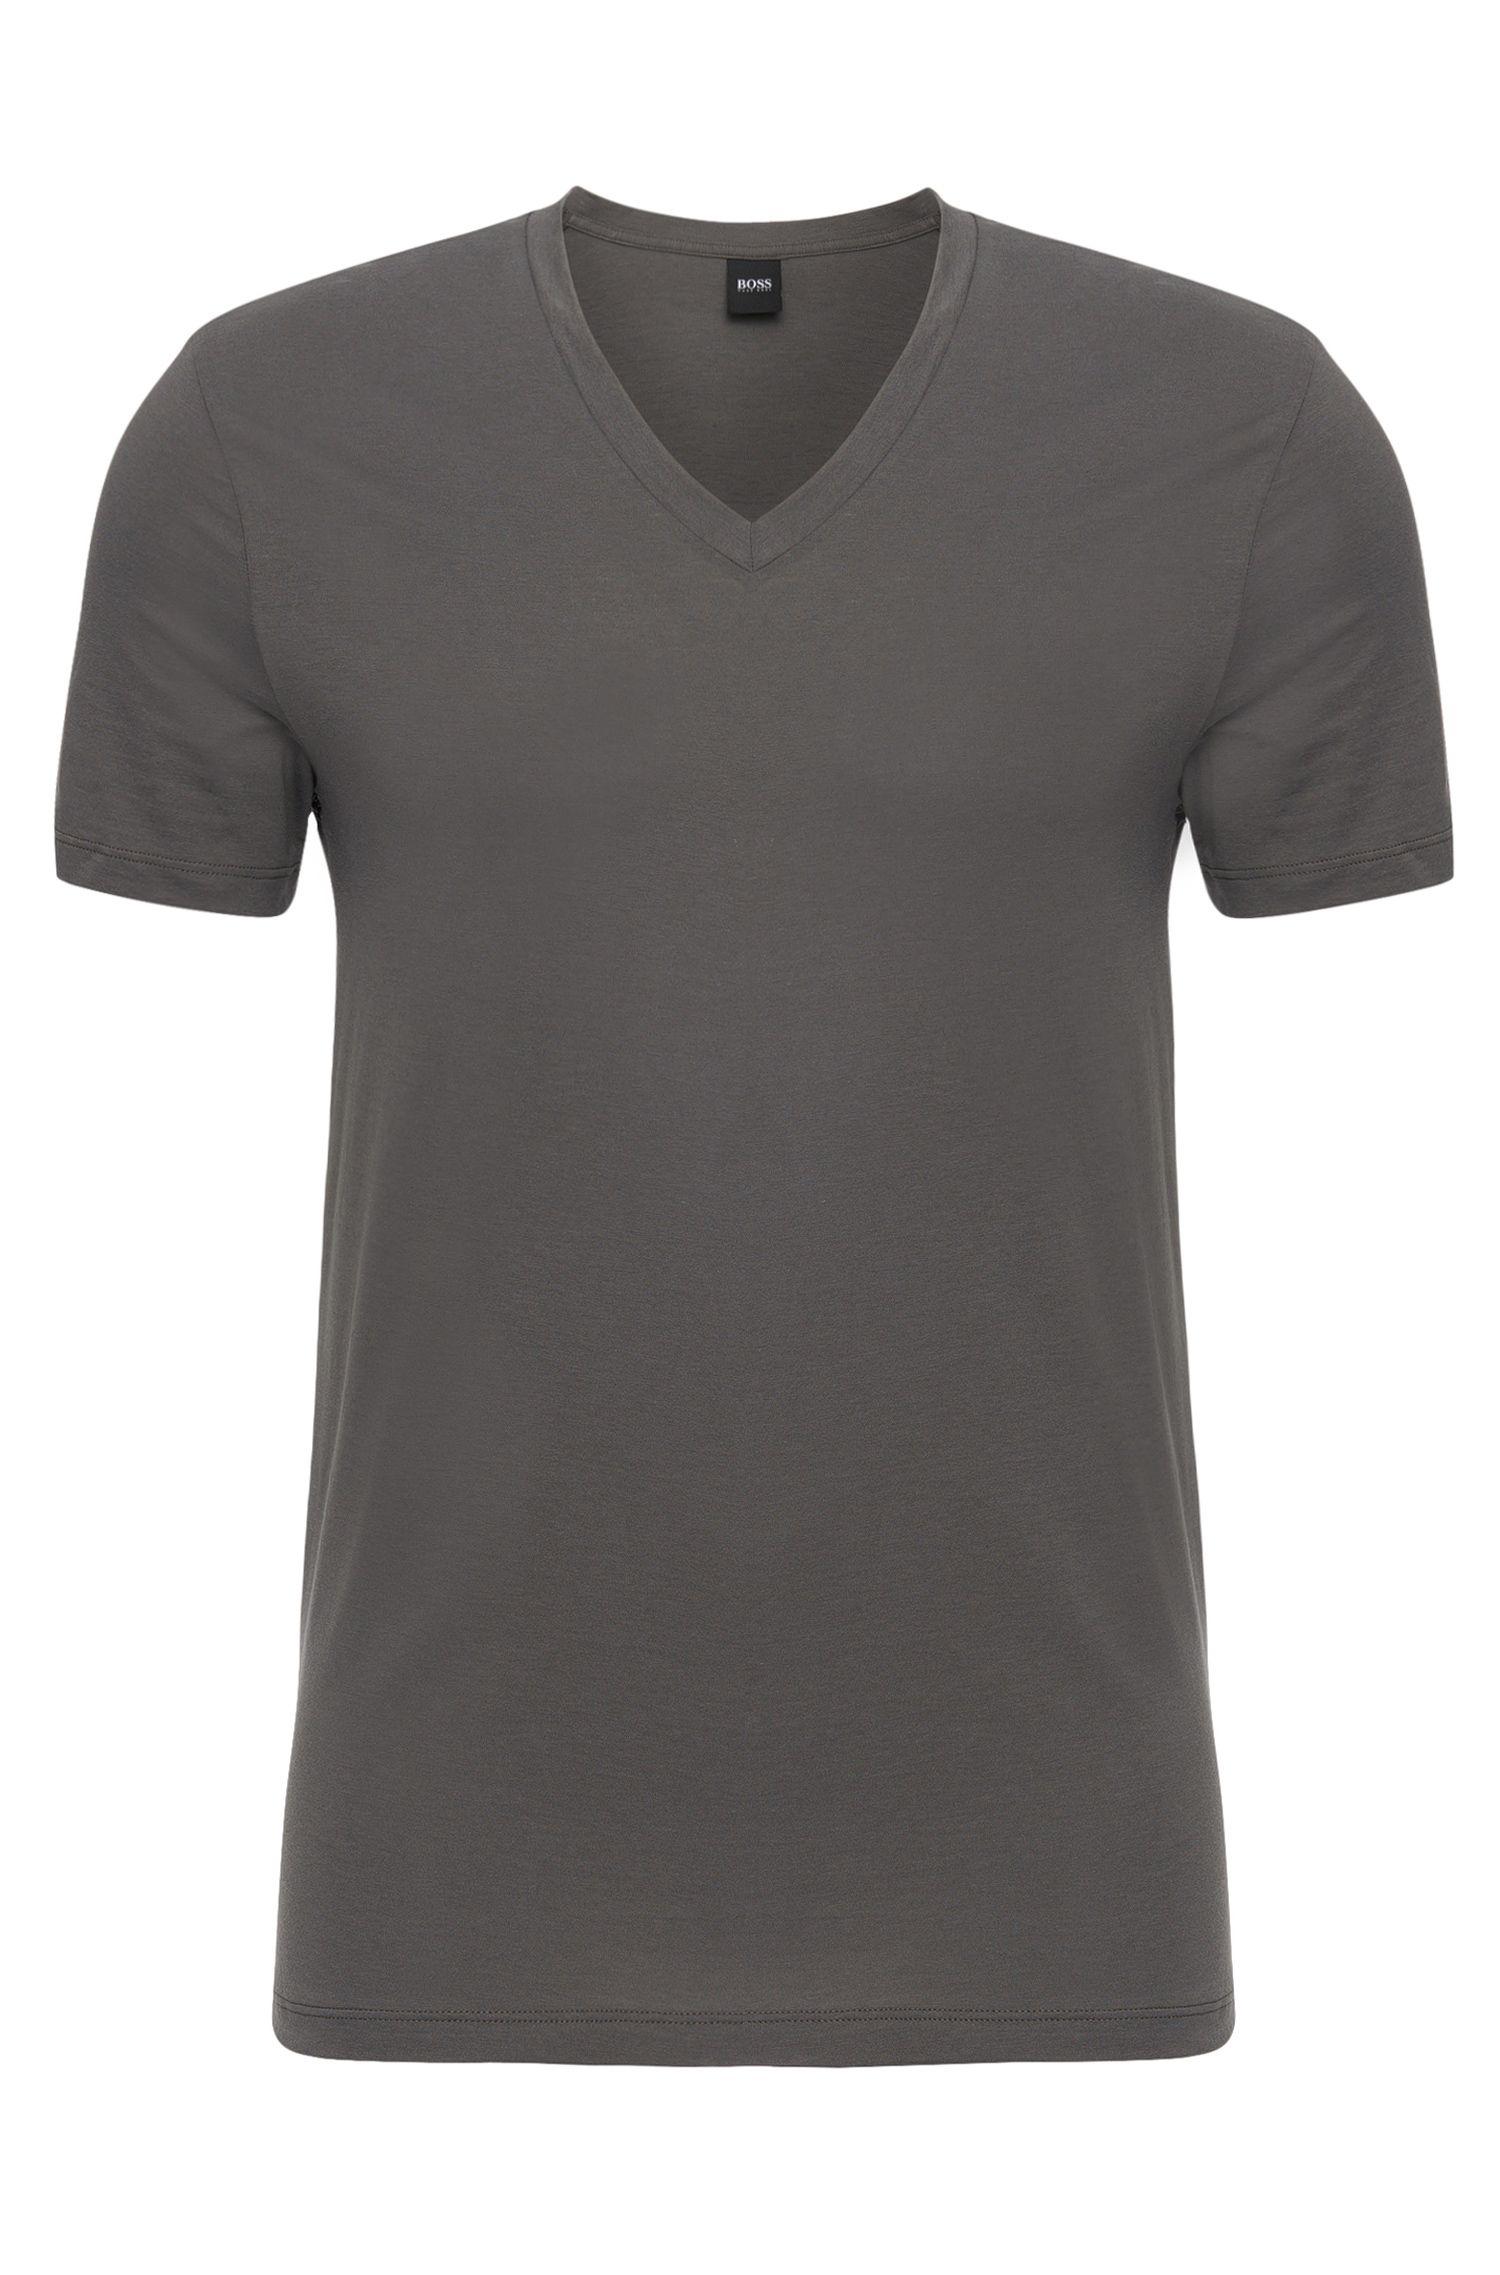 T-Shirt aus Baumwolle mit V-Ausschnitt: 'Shirt VN BM'